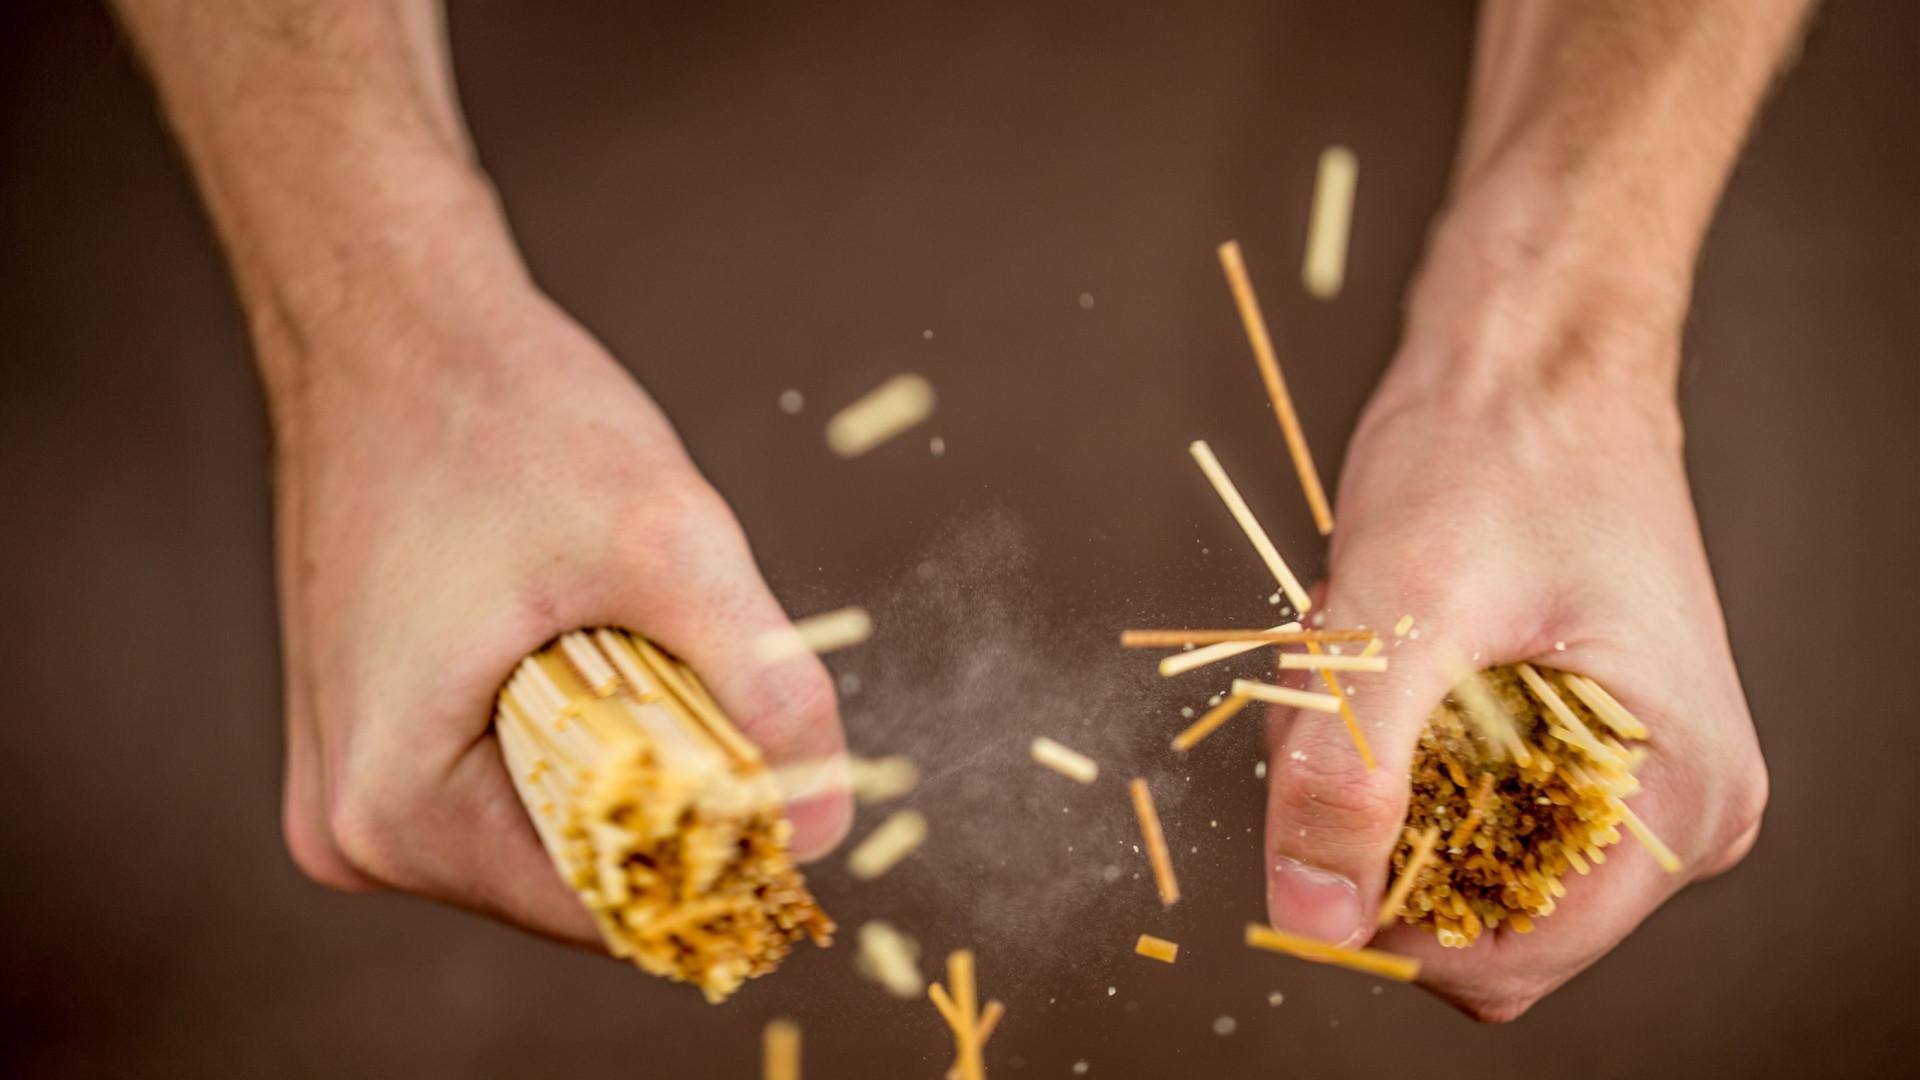 Partir o esparguete de forma perfeita? Houve quem encontrasse a fórmula